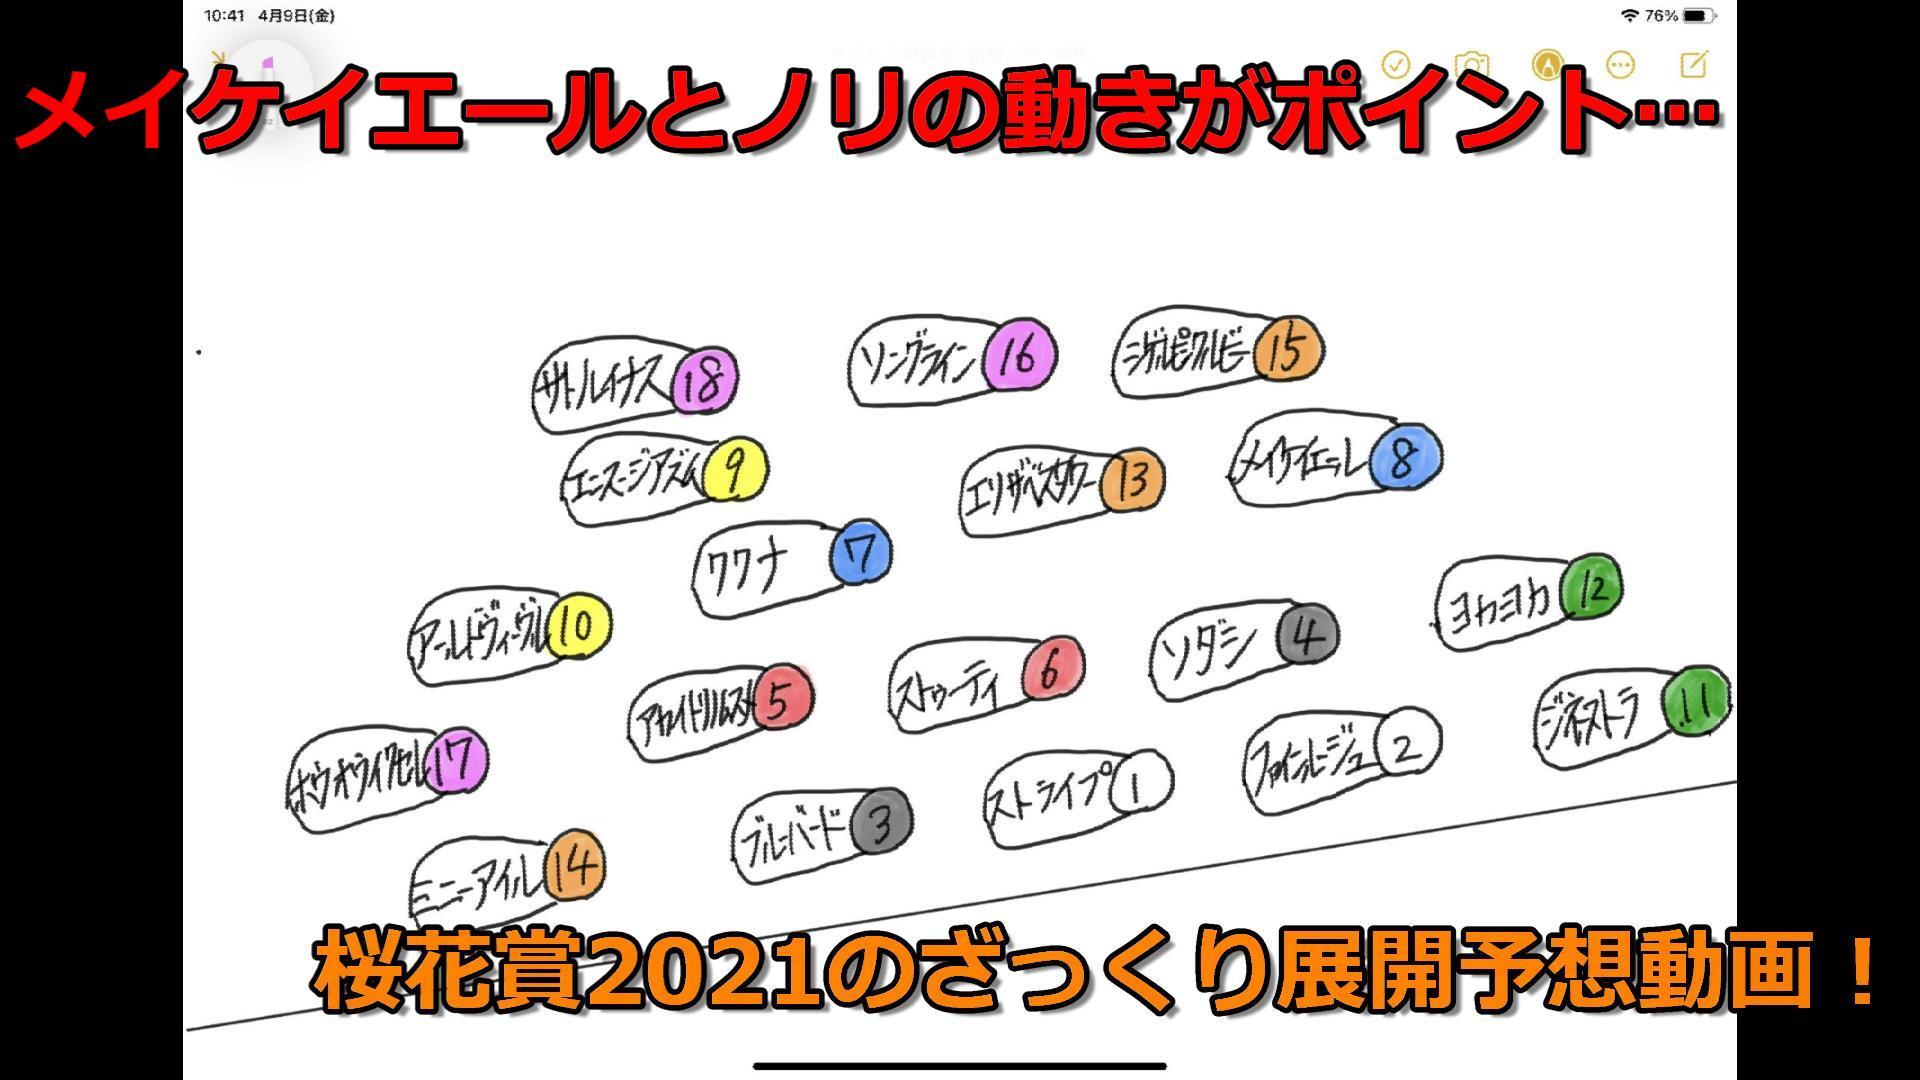 桜花賞2021のざっくり展開予想動画!